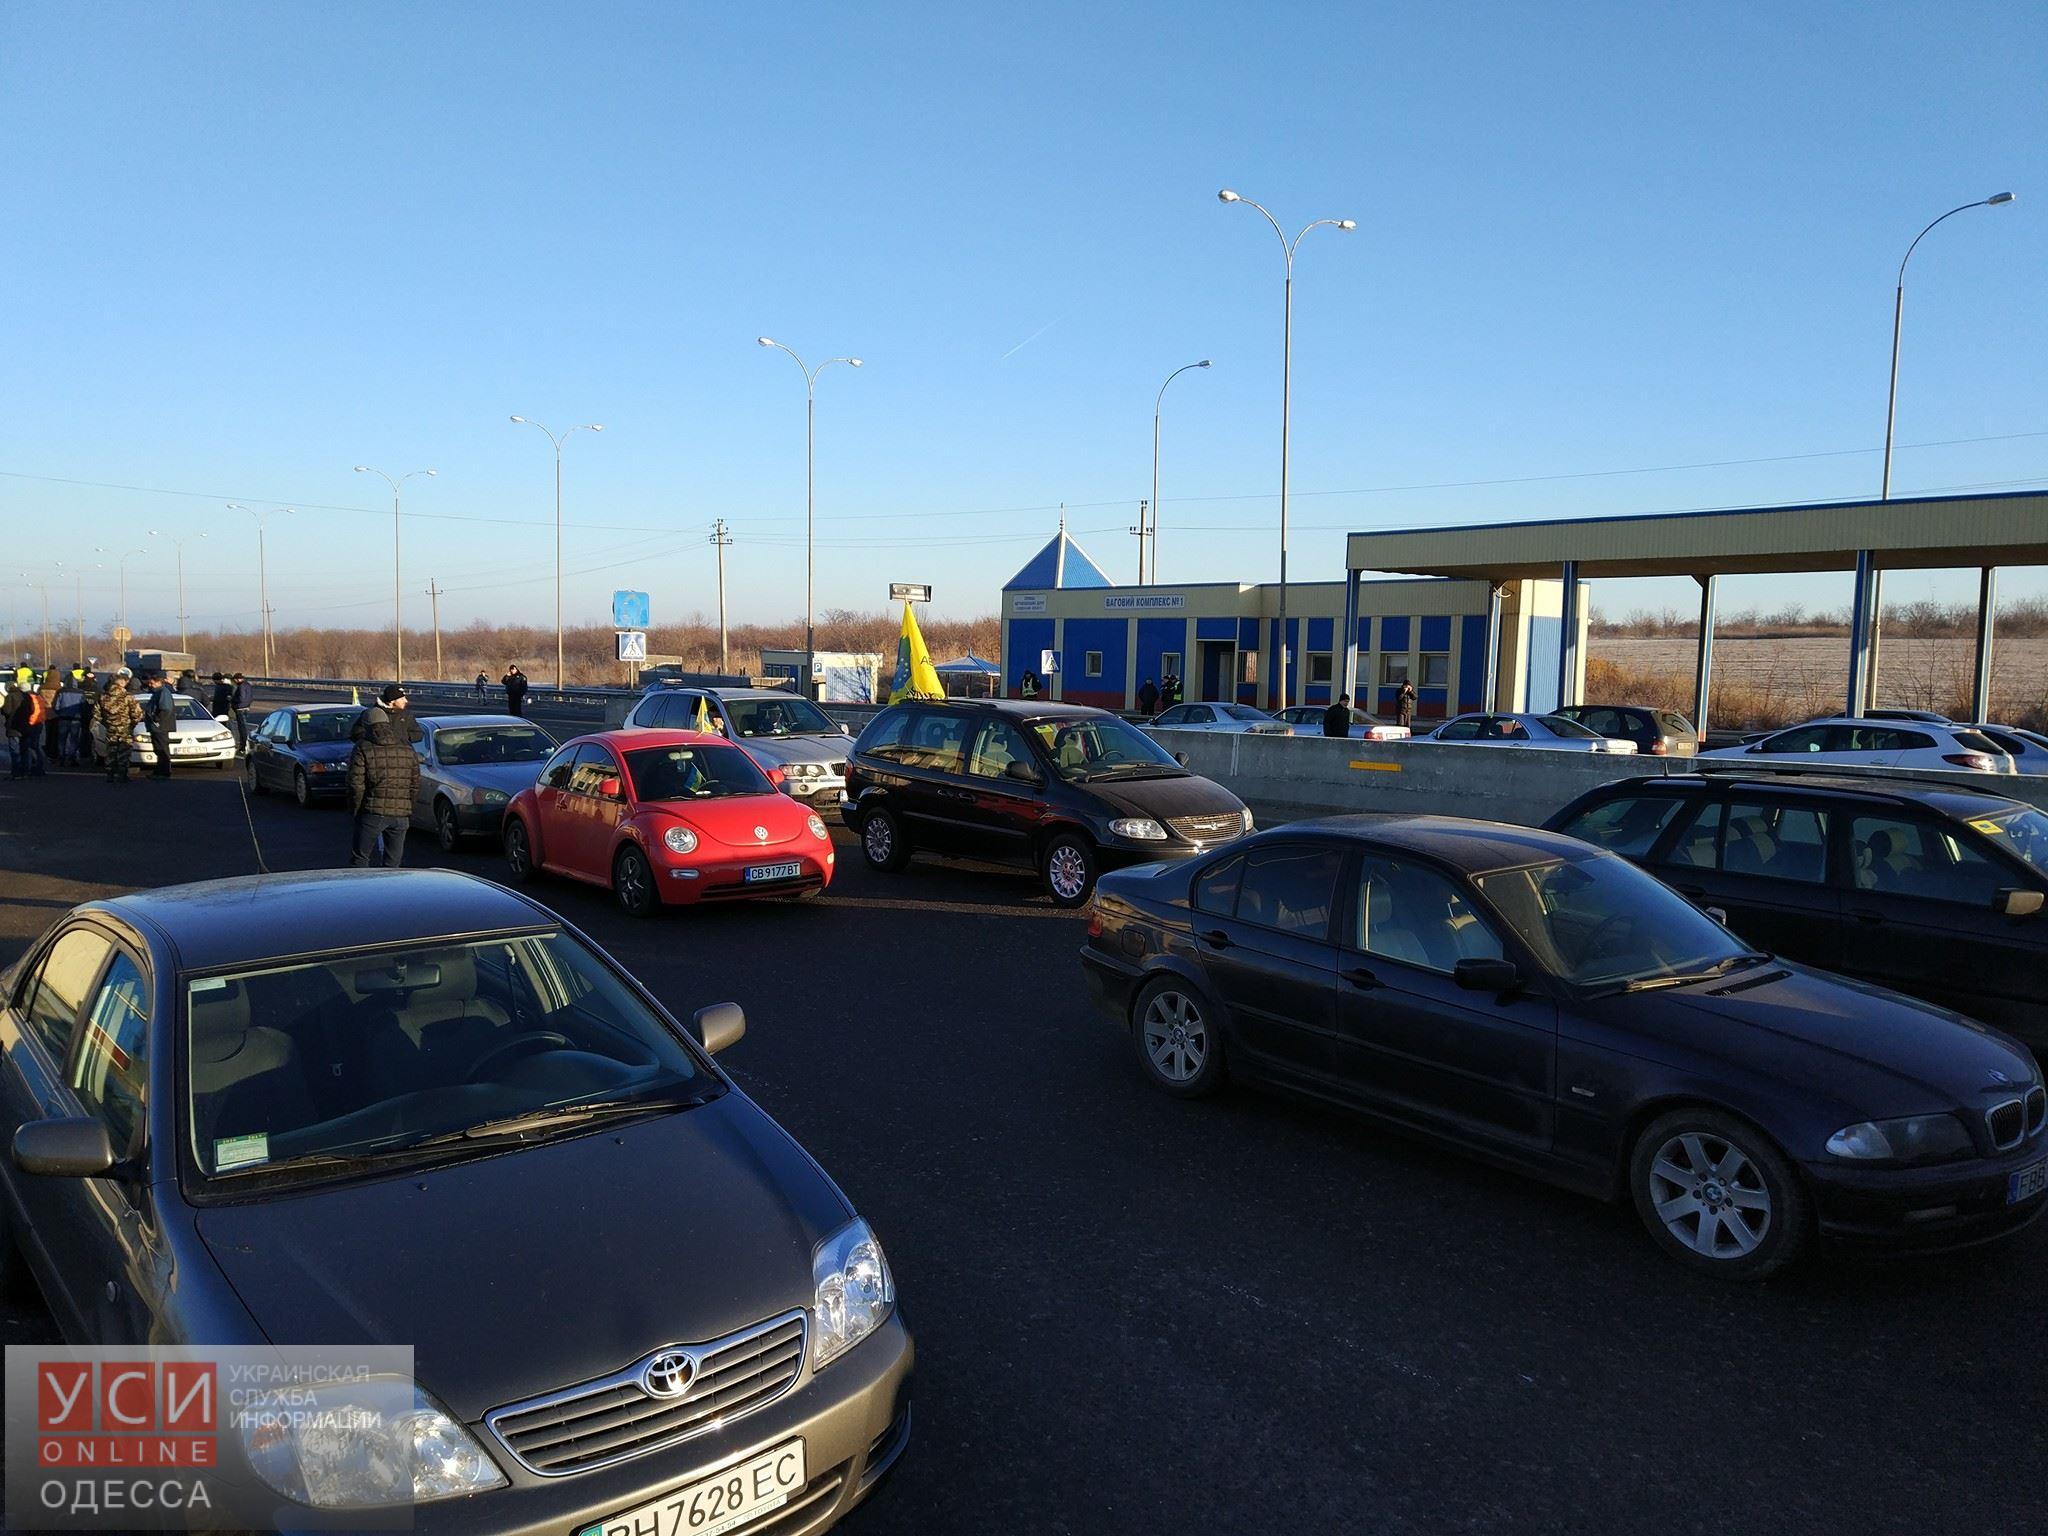 Взбунтовавшиеся владельцы автомобилей перекрыли ведущие встолицу Украины дороги